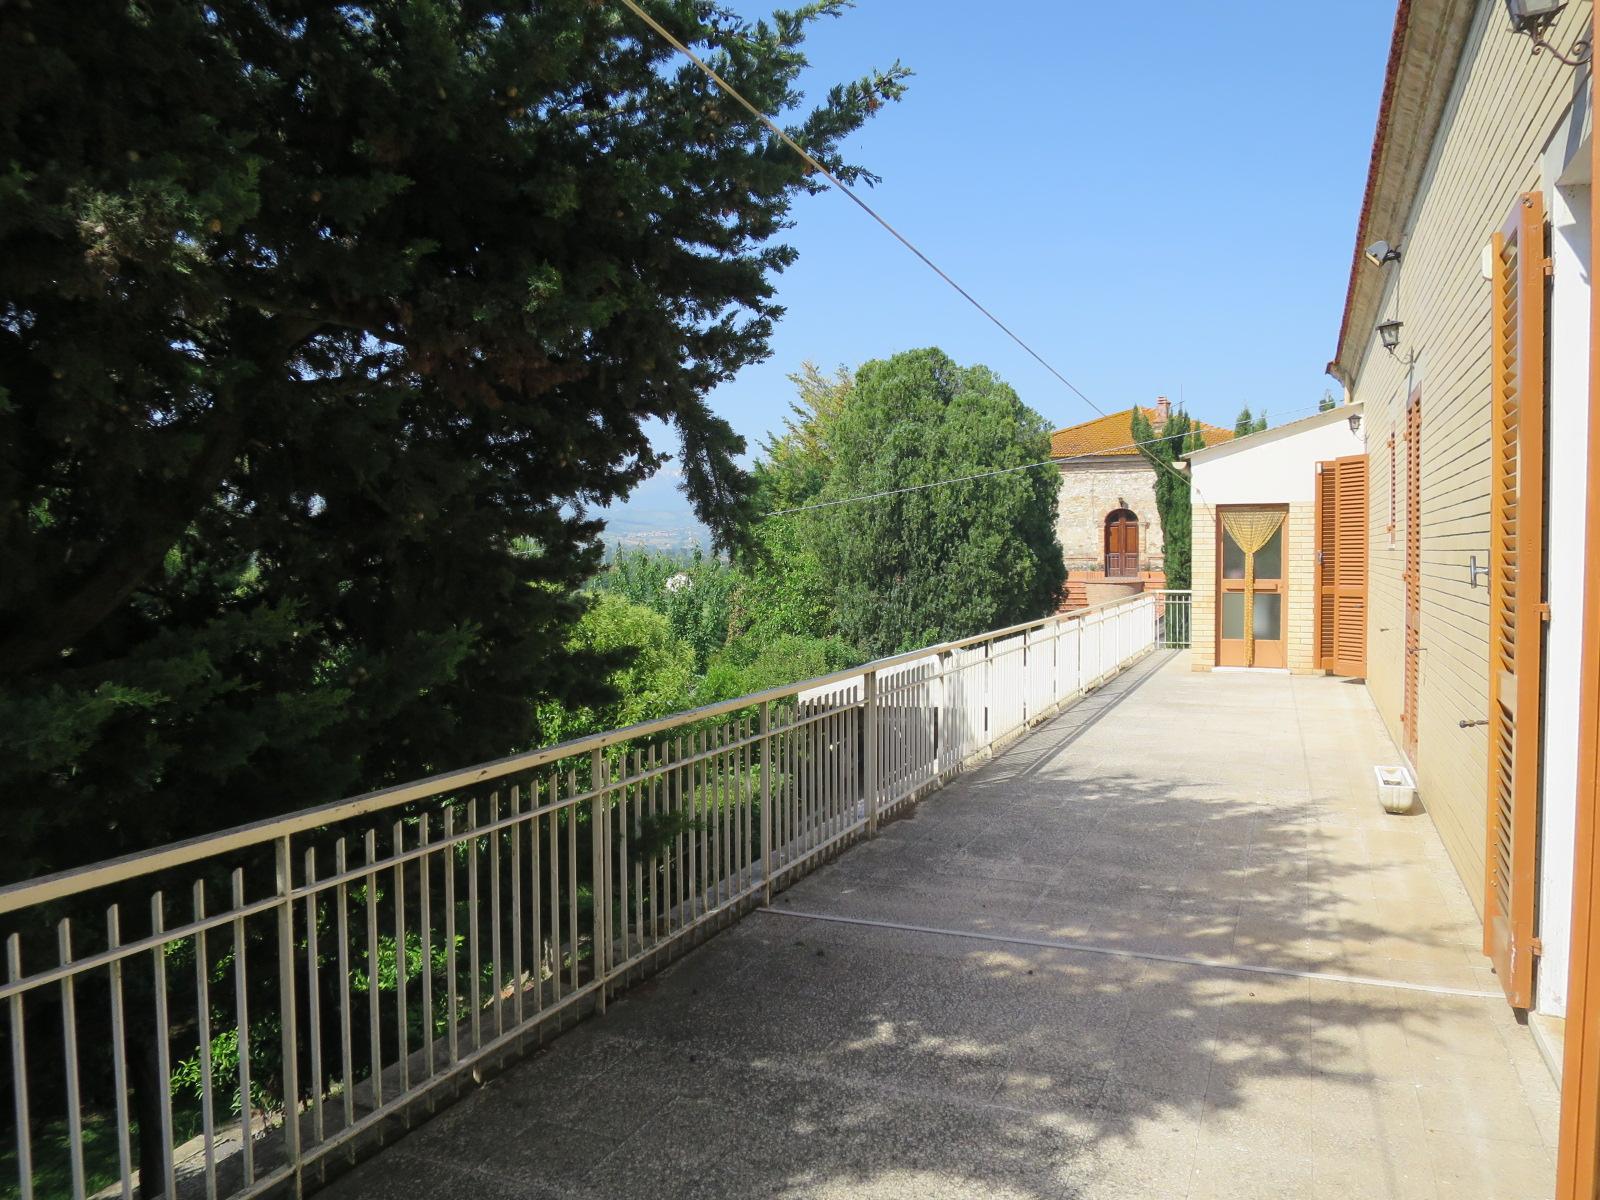 Villa Villa for sale Roseto degli Abruzzi (TE), Villa del Marinaio - Roseto degli Abruzzi - EUR 385.559 380